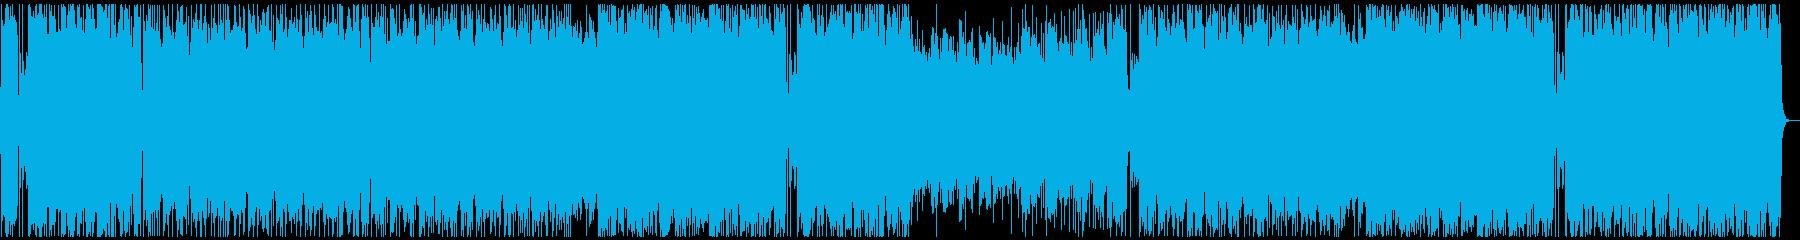 インディーロック アンビエントミュ...の再生済みの波形